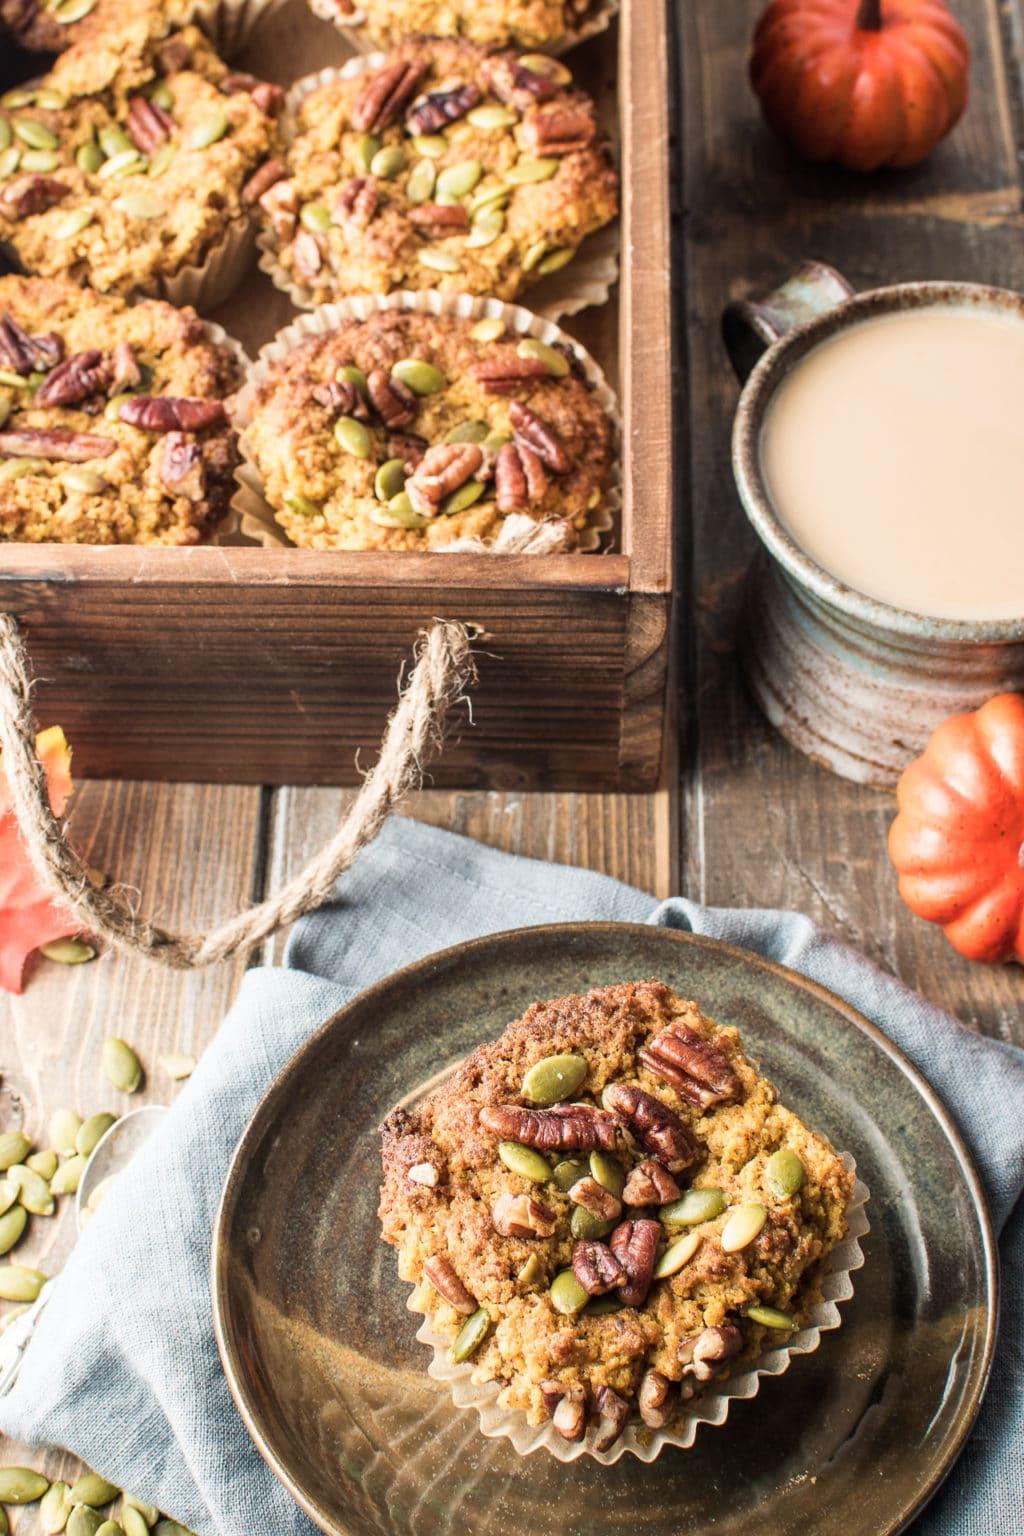 Fall-Inspired Gluten-Free Pumpkin Muffins